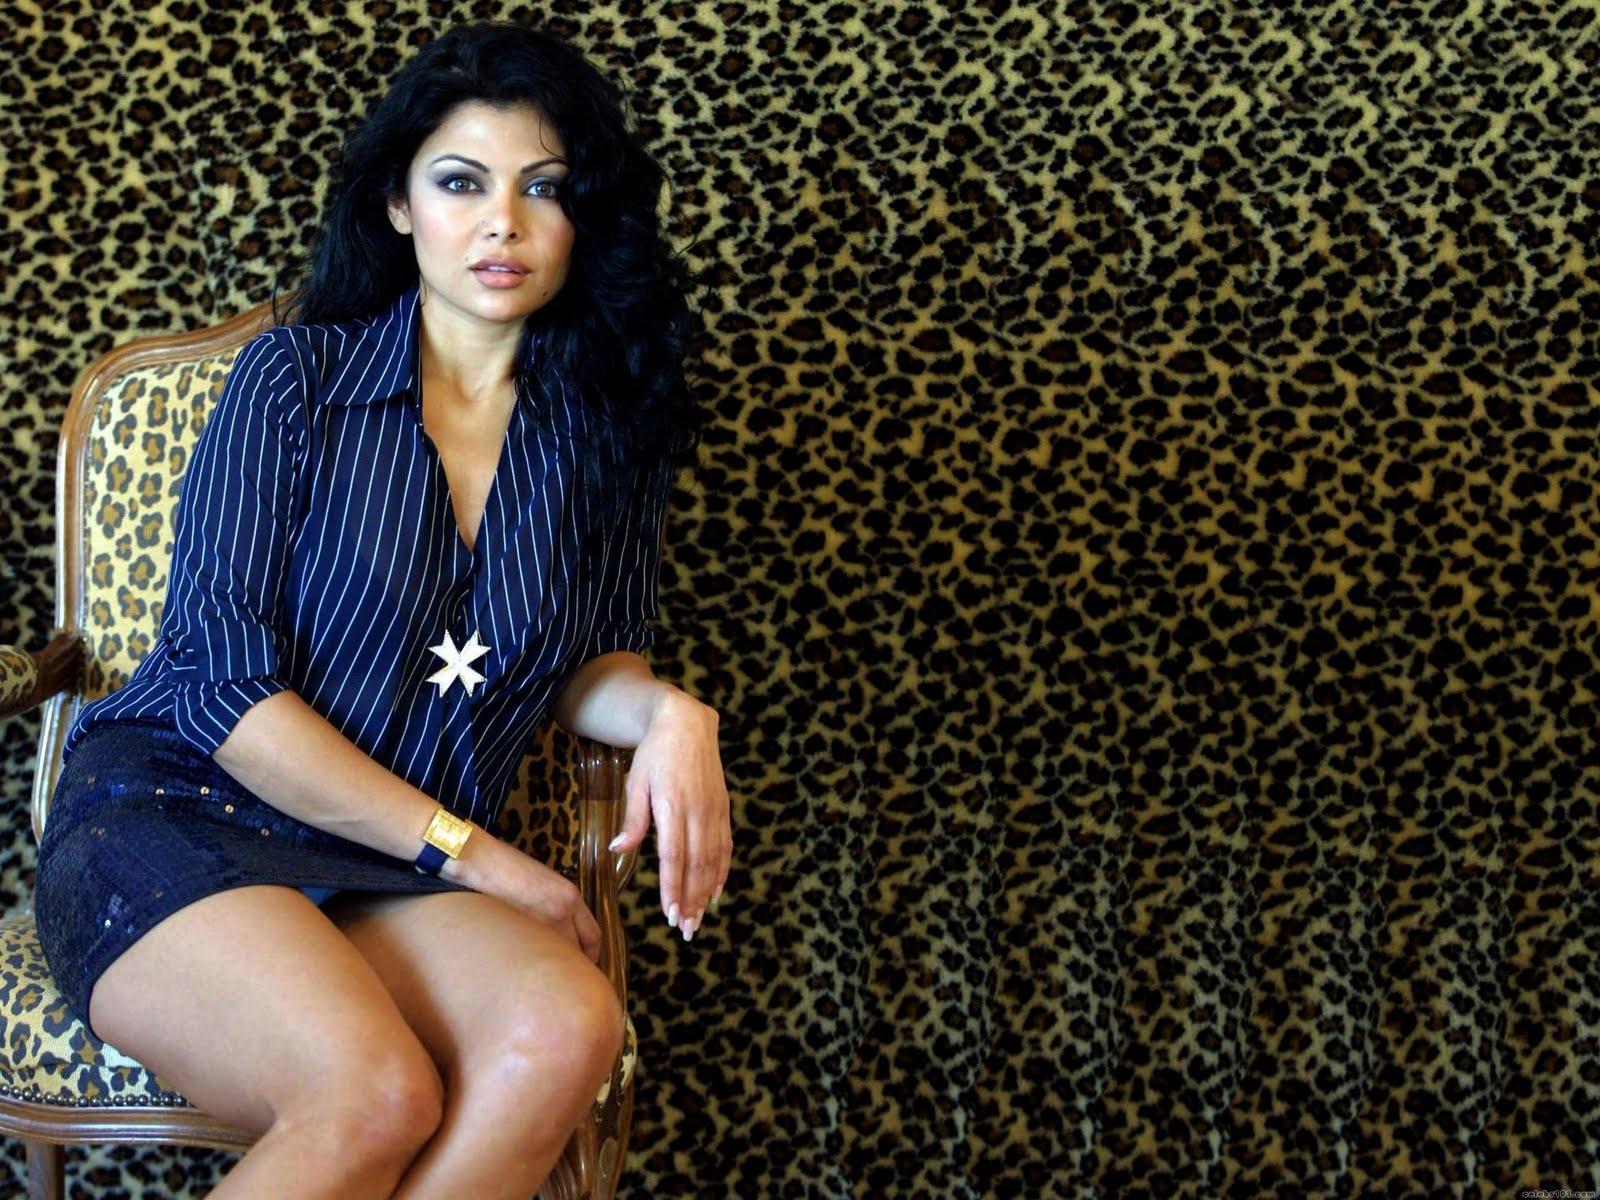 http://2.bp.blogspot.com/-8Y_iAtF99SY/TdgWeixWBkI/AAAAAAAAEnw/CzD88zdGXtw/s1600/haifa+wehbe130.jpg